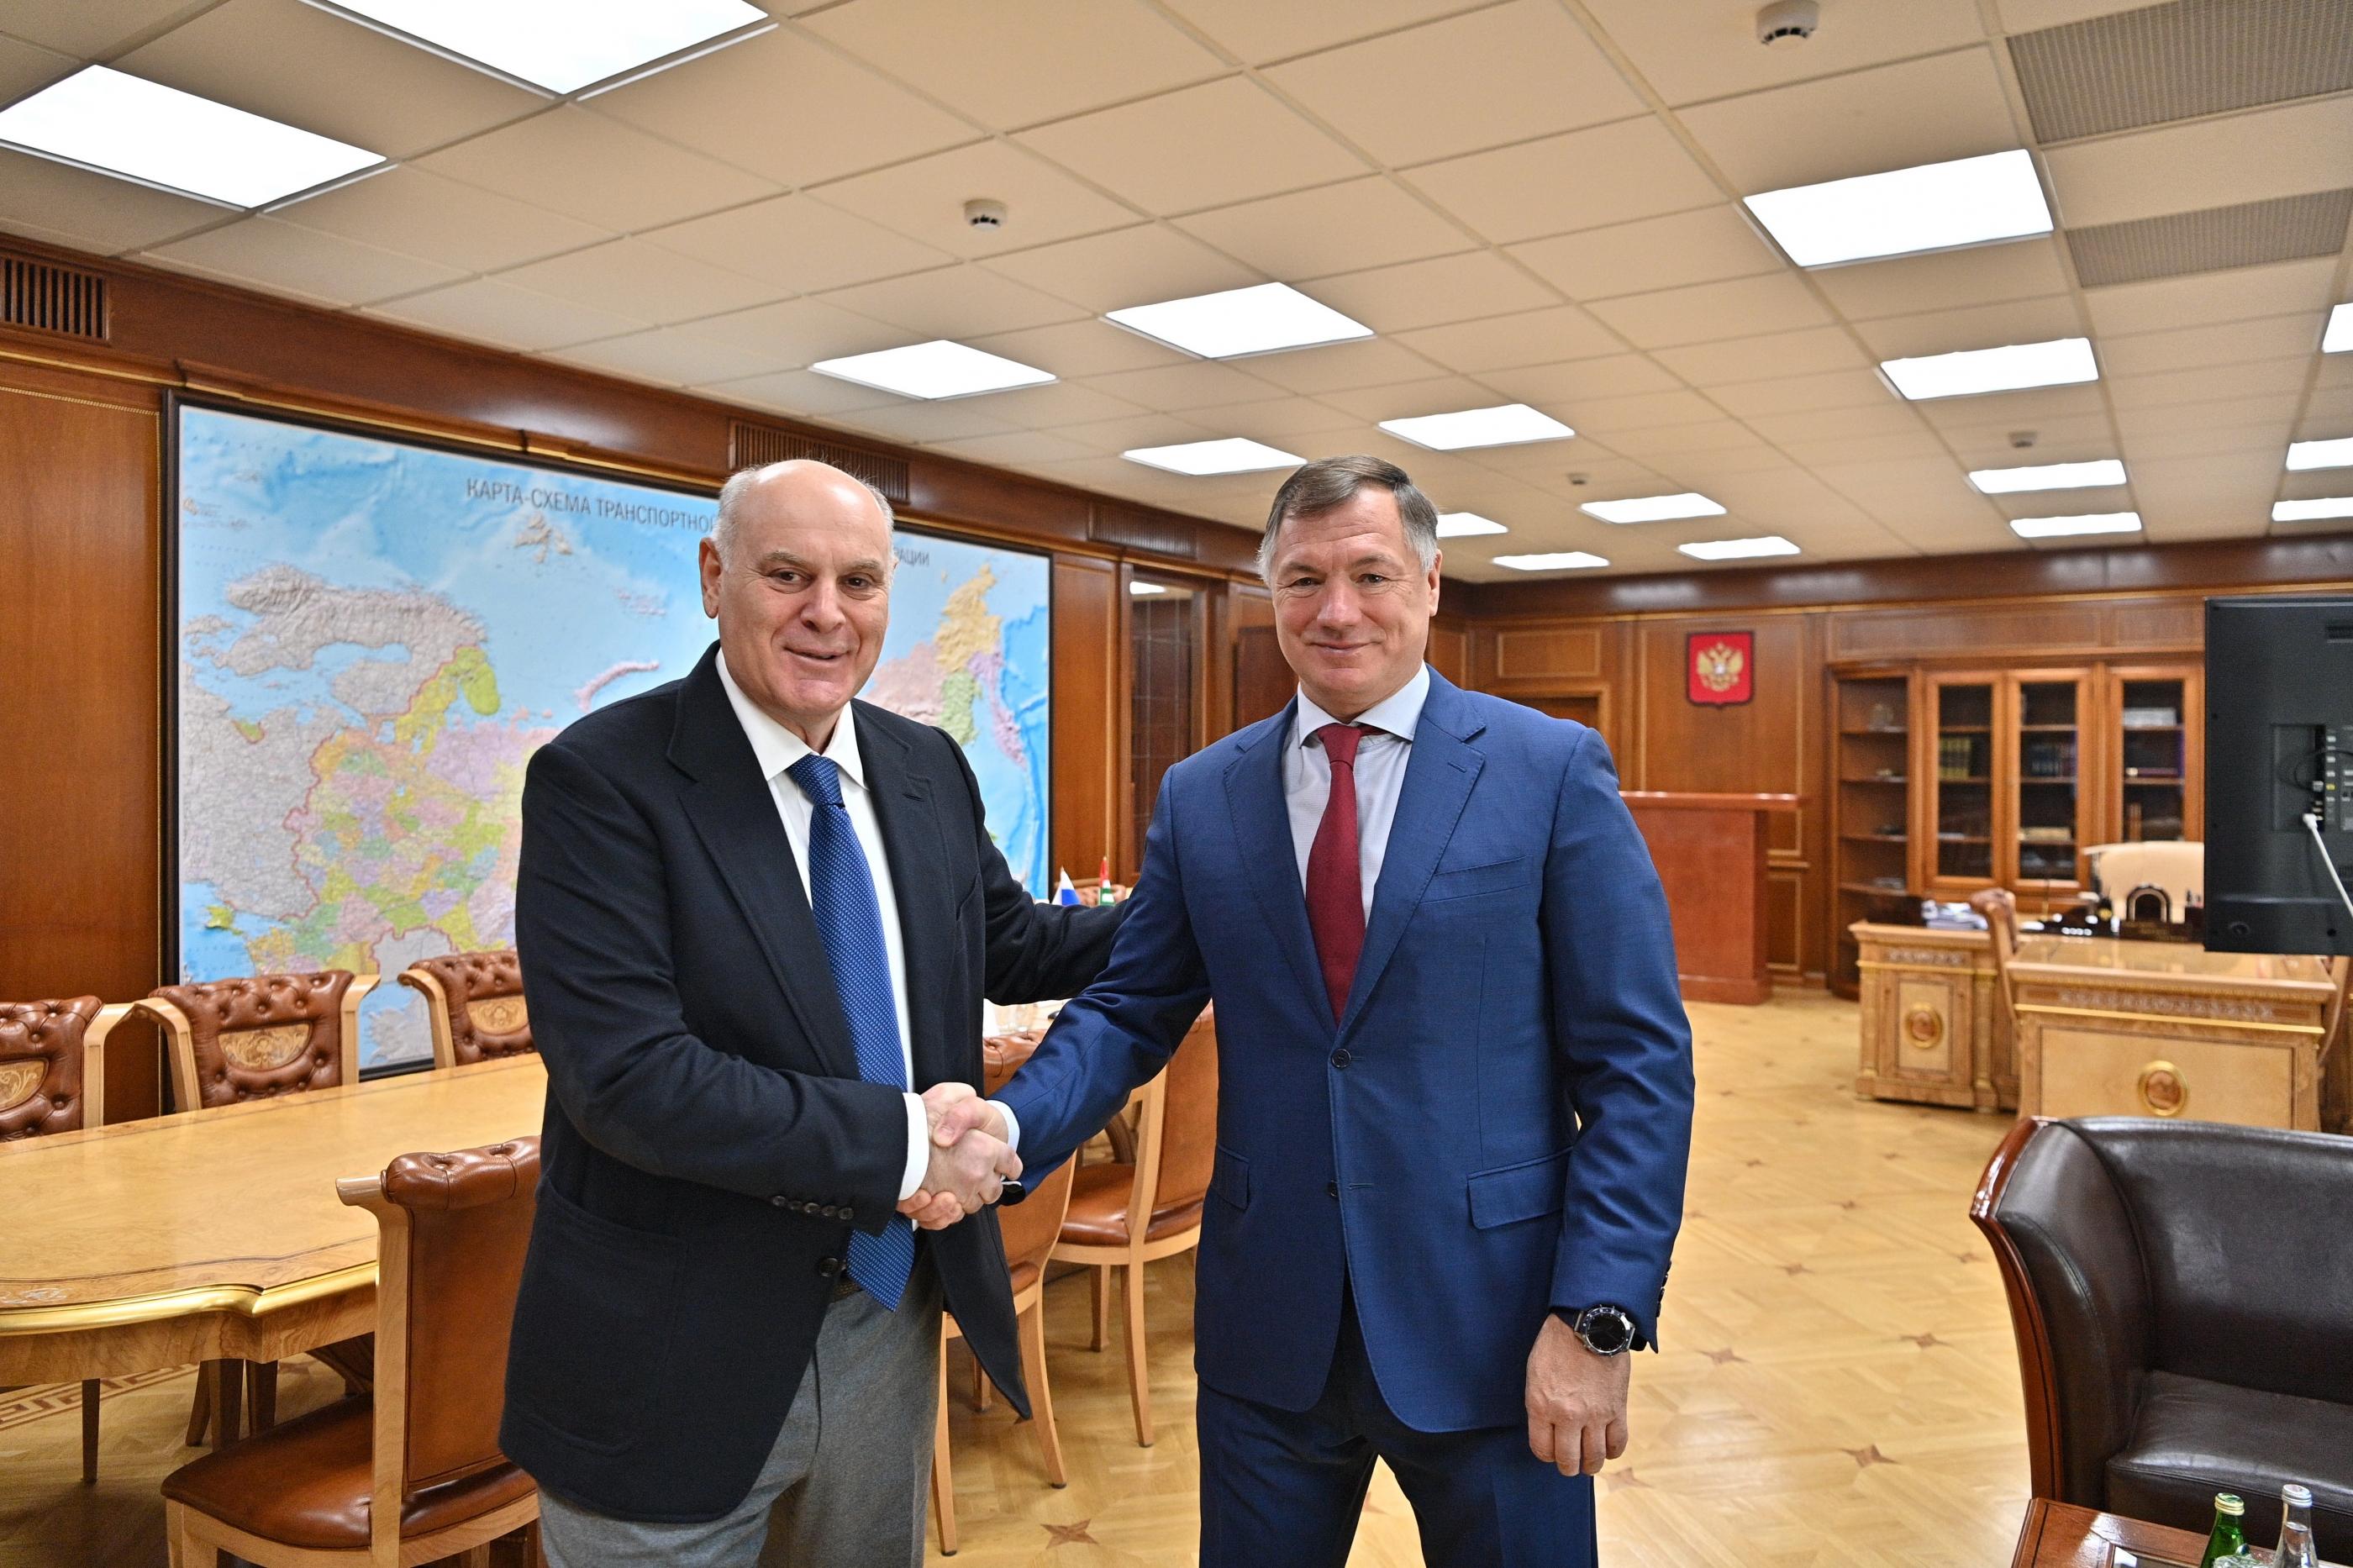 Президент Аслан Бжания встретился в Москве с Зам.председателя Правительства Маратом Хуснуллиным